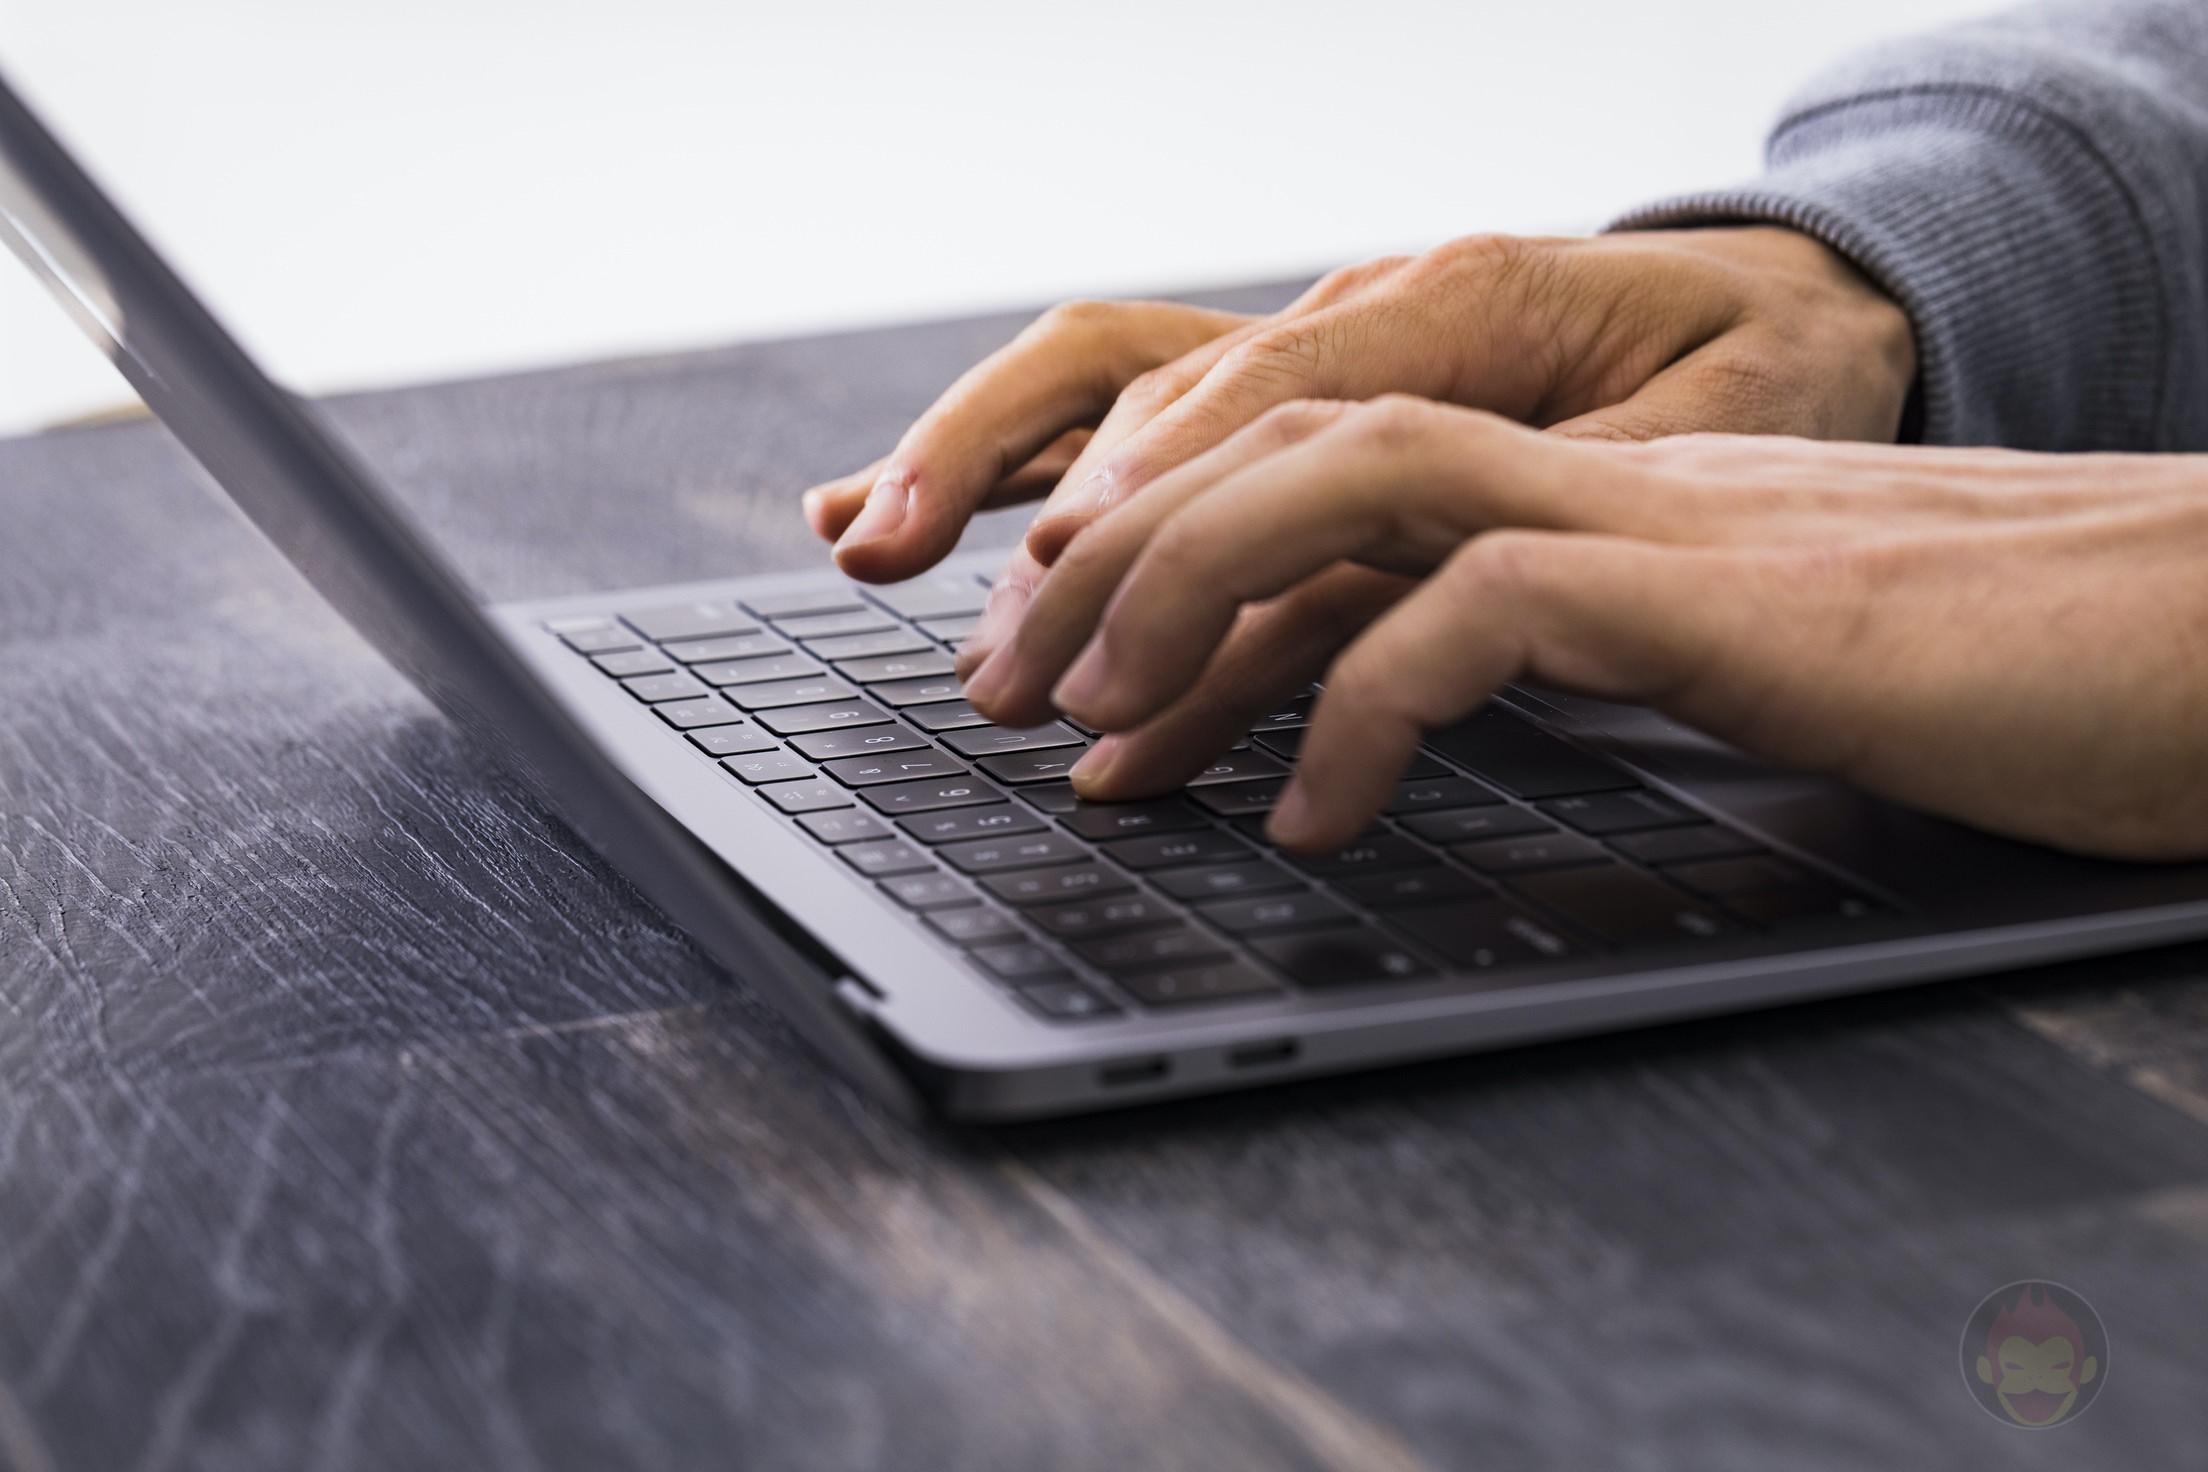 MacBook-Air-2018-GoriMe-Review-13.jpg